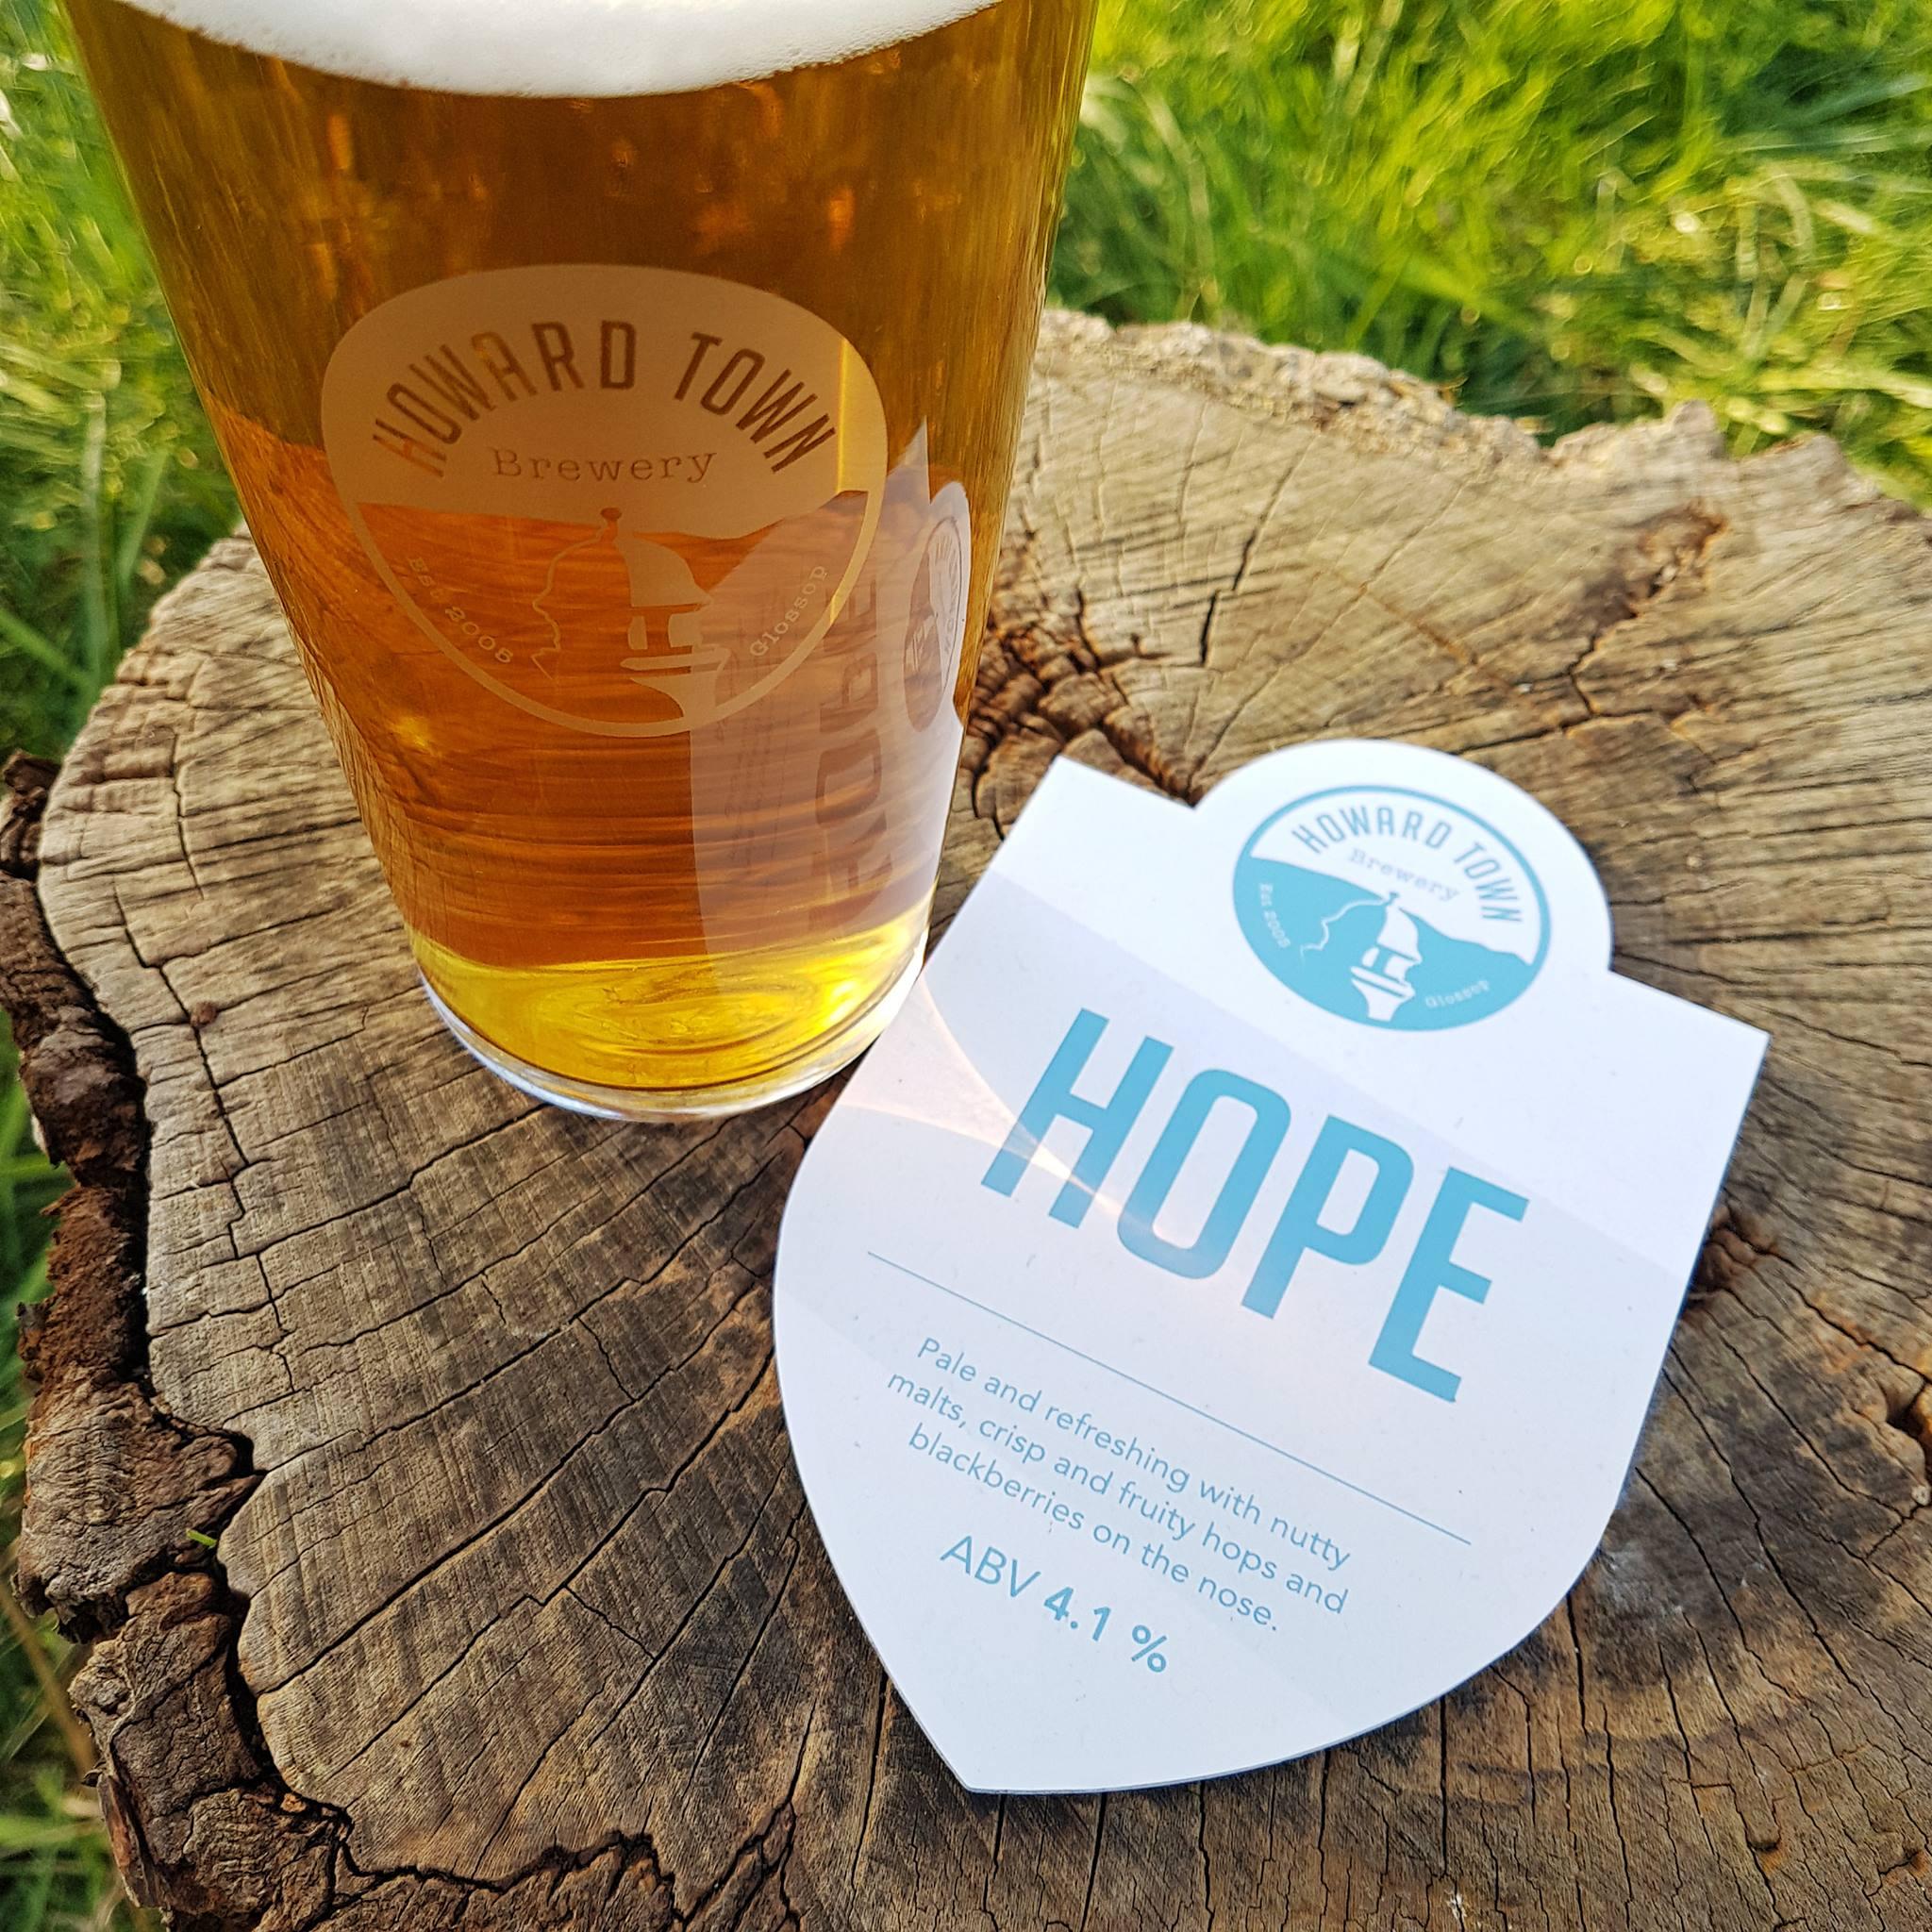 Howard Town Brewery.jpg